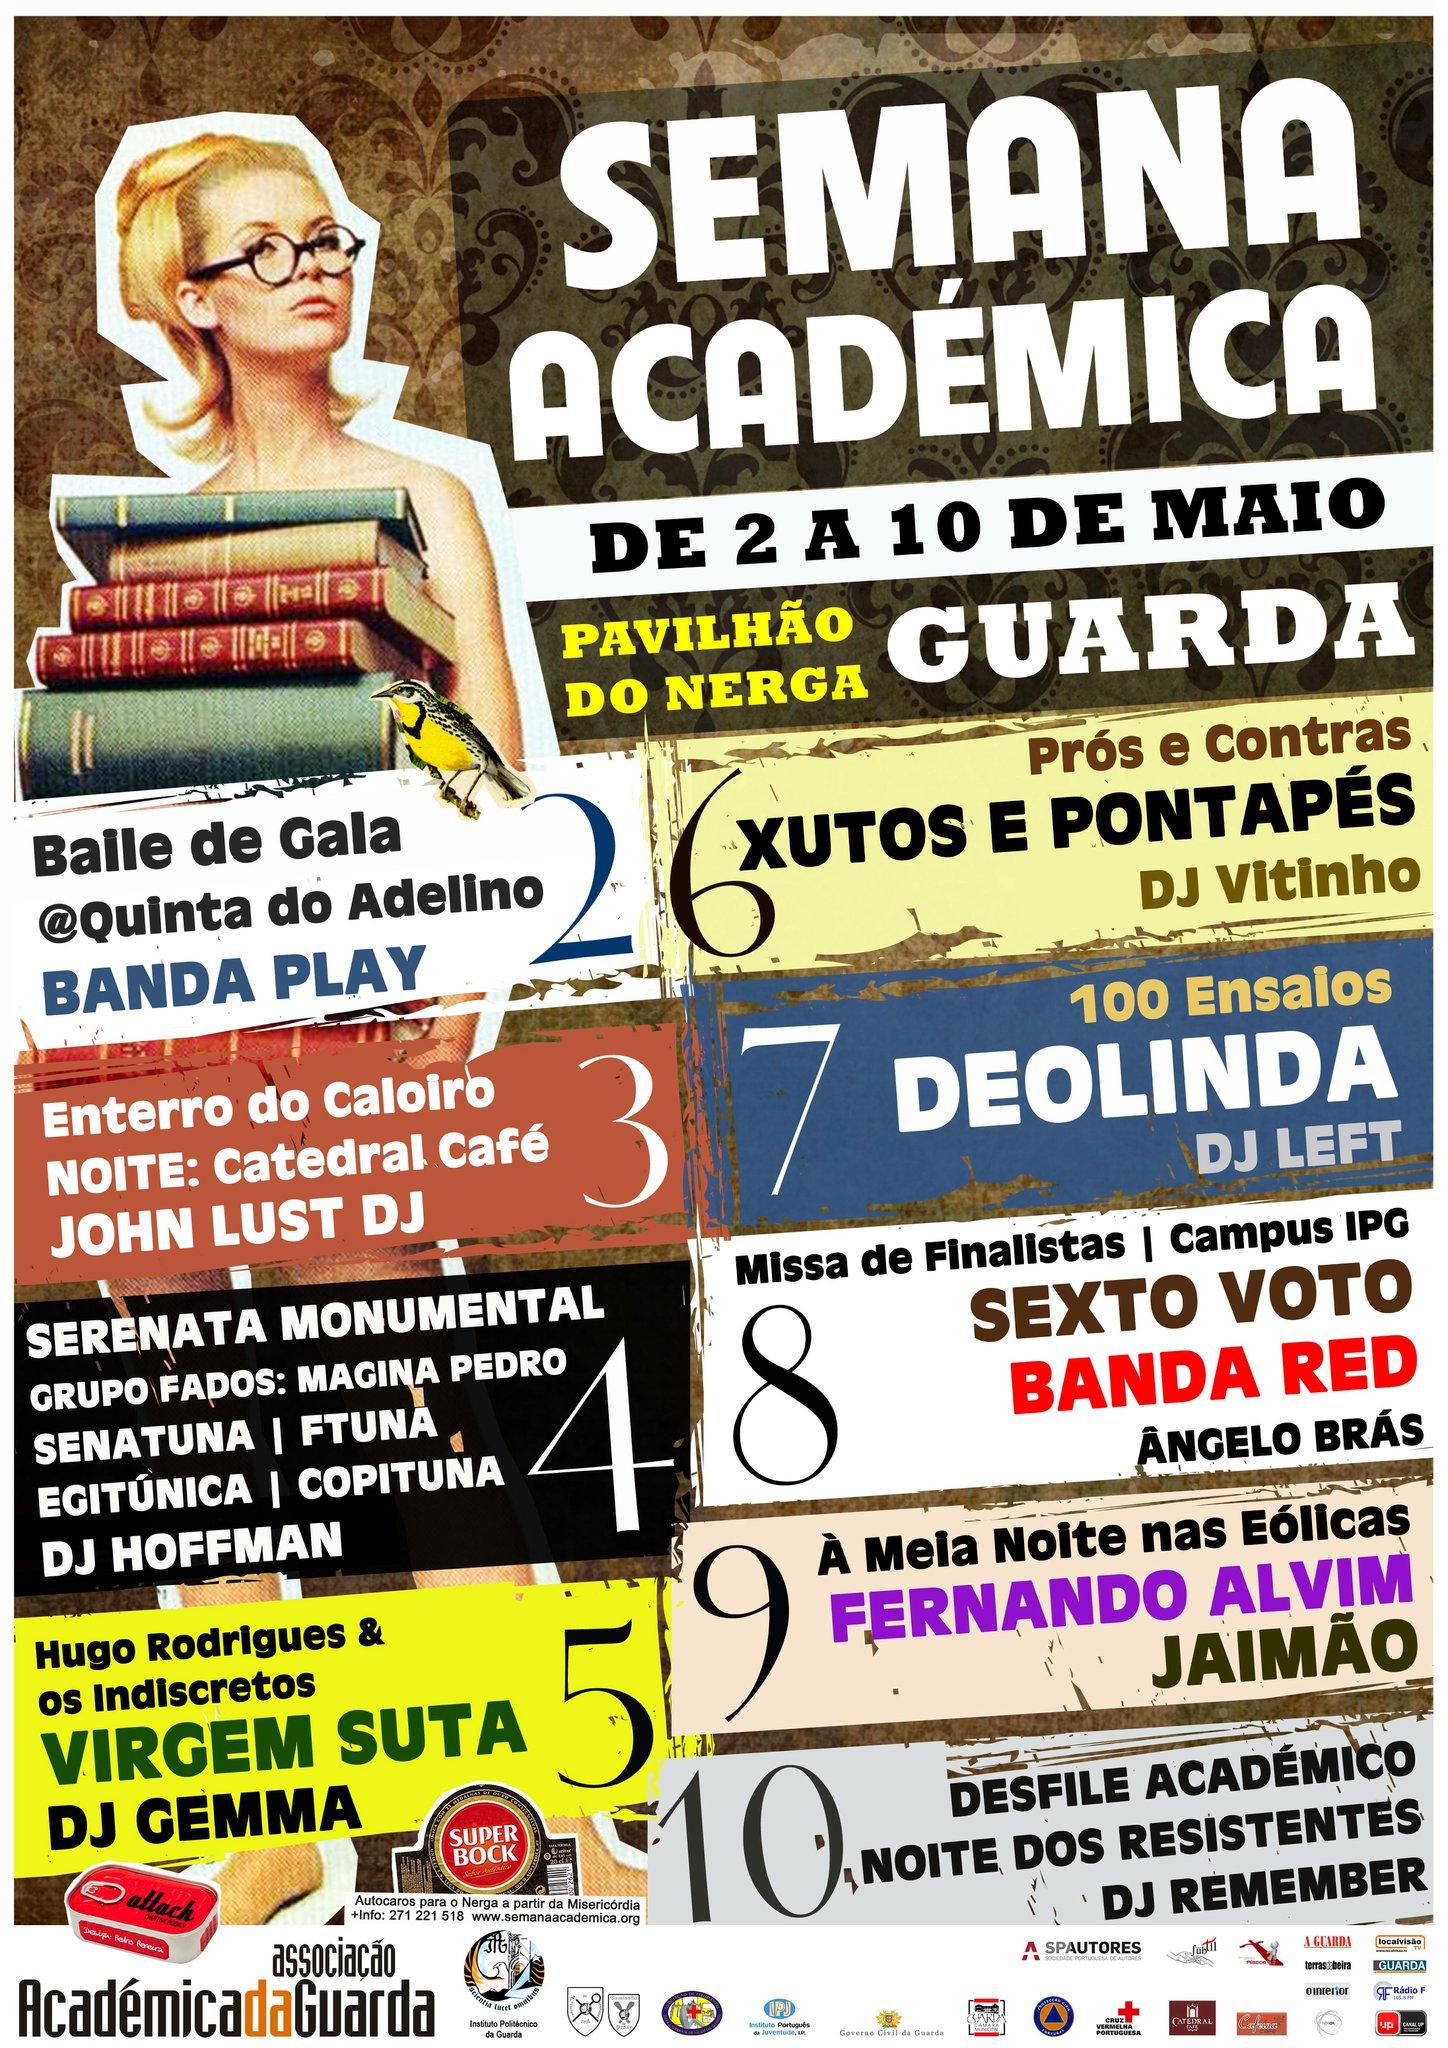 Guarda, Semana académica 2011